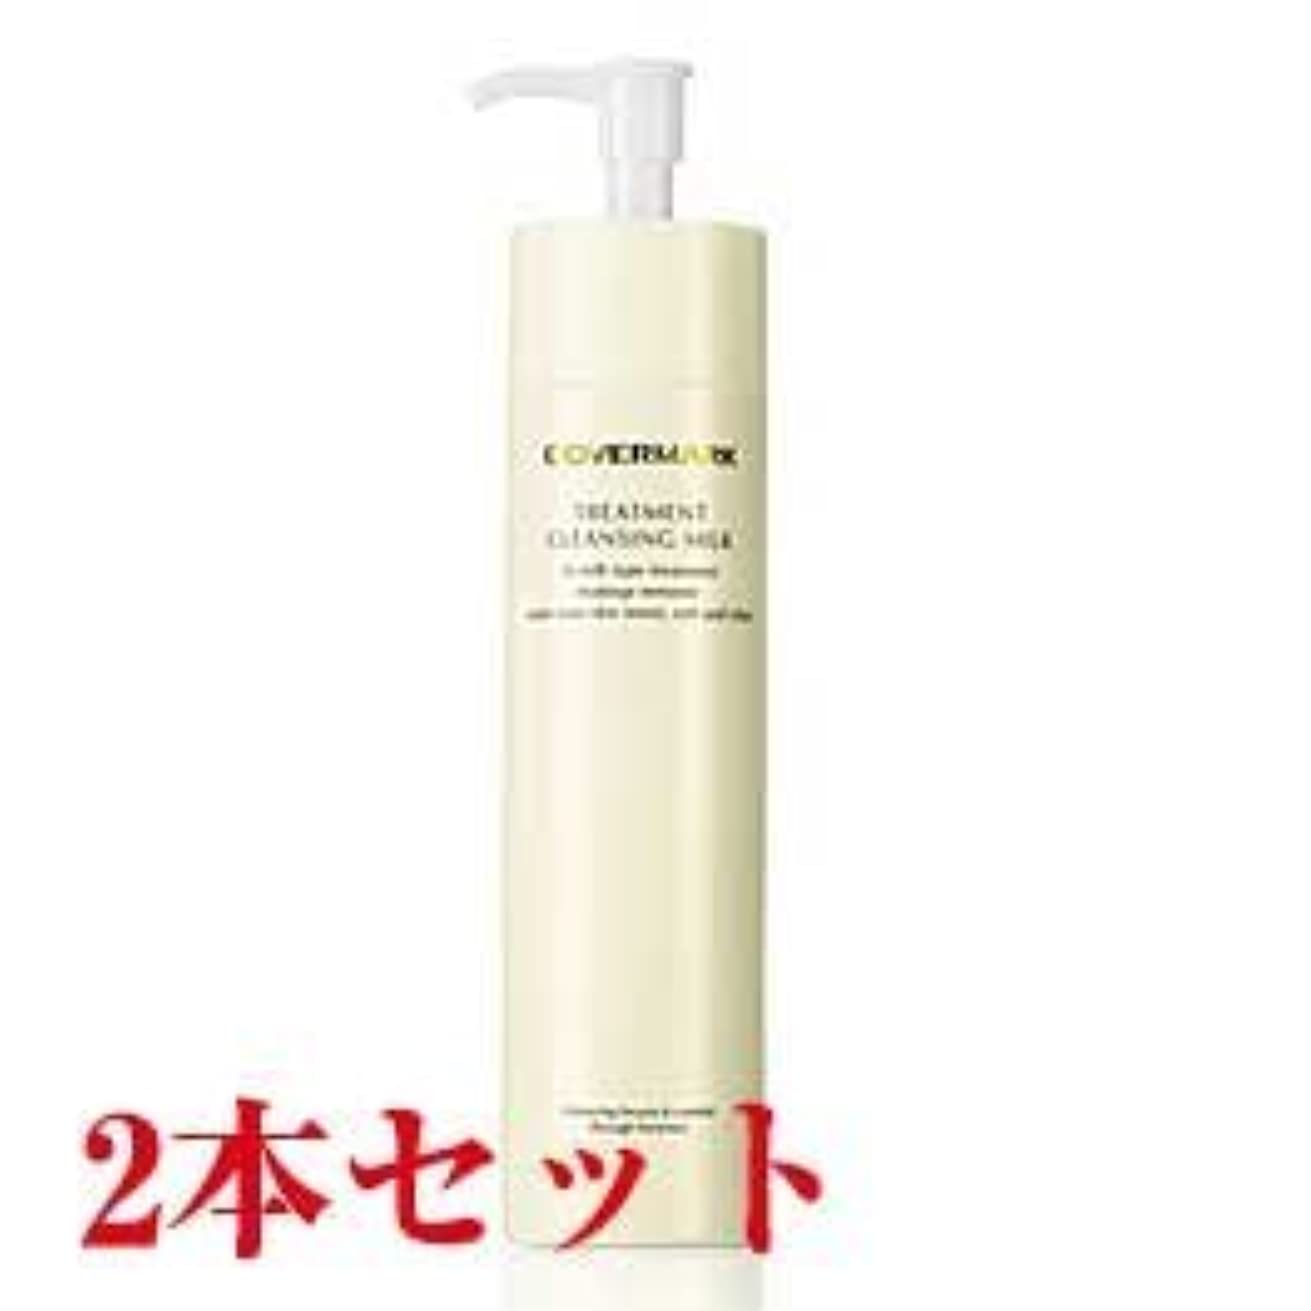 ベストワイドほうき【2本セット】カバーマーク トリートメント クレンジング ミルク 200g